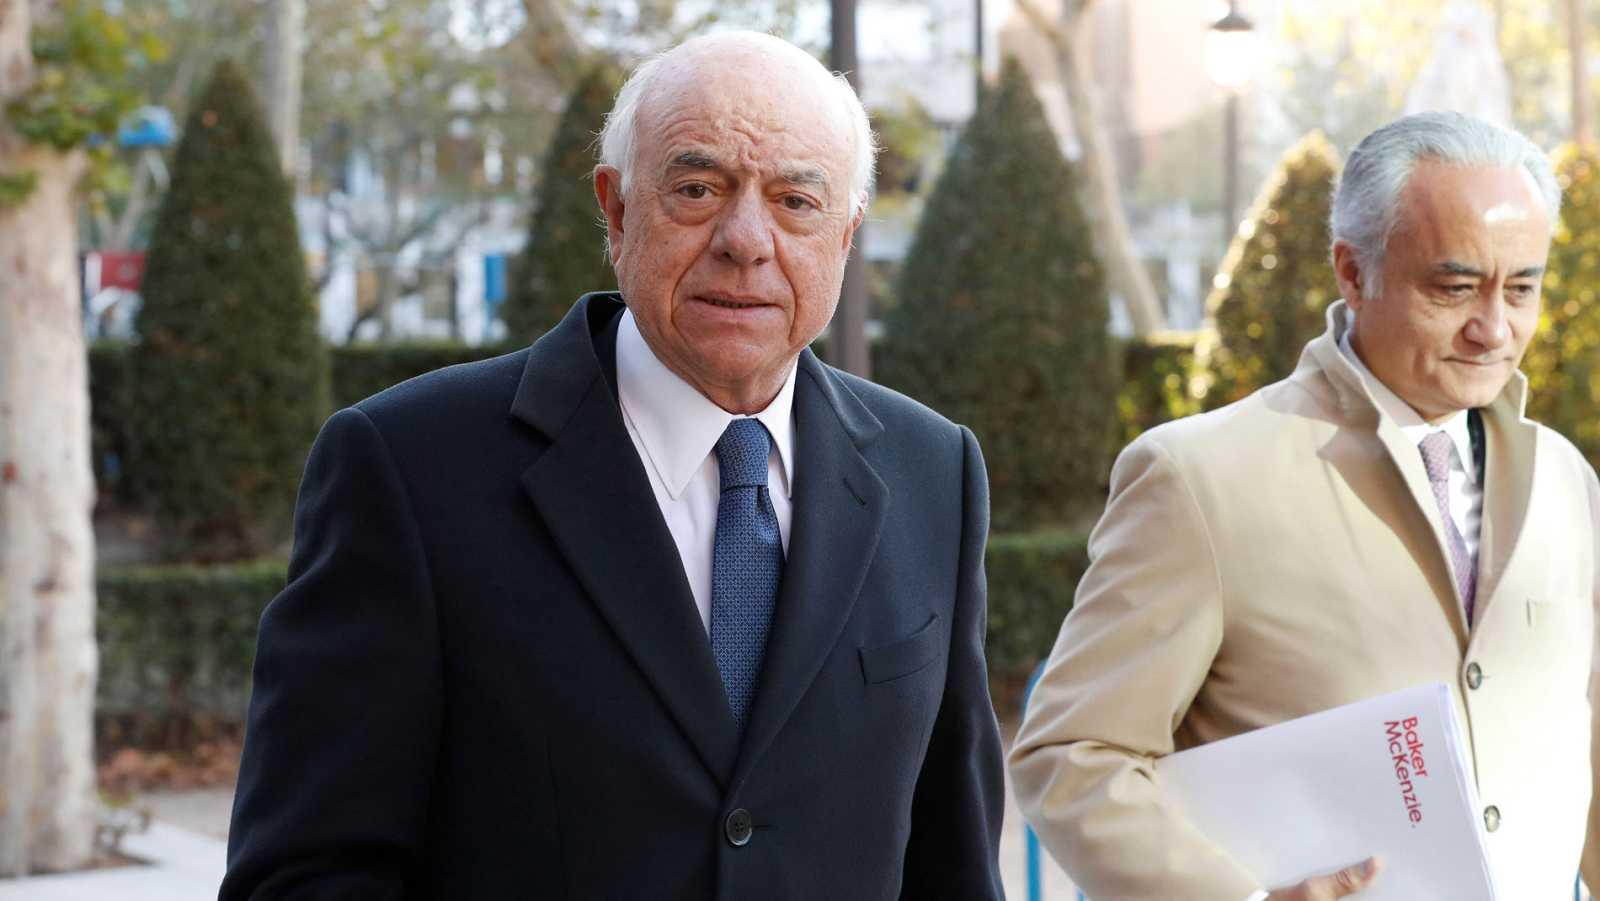 Francisco González dijo al juez que el exministro Solbes le avisó de que Sacyr quería hacerse con el BBVA